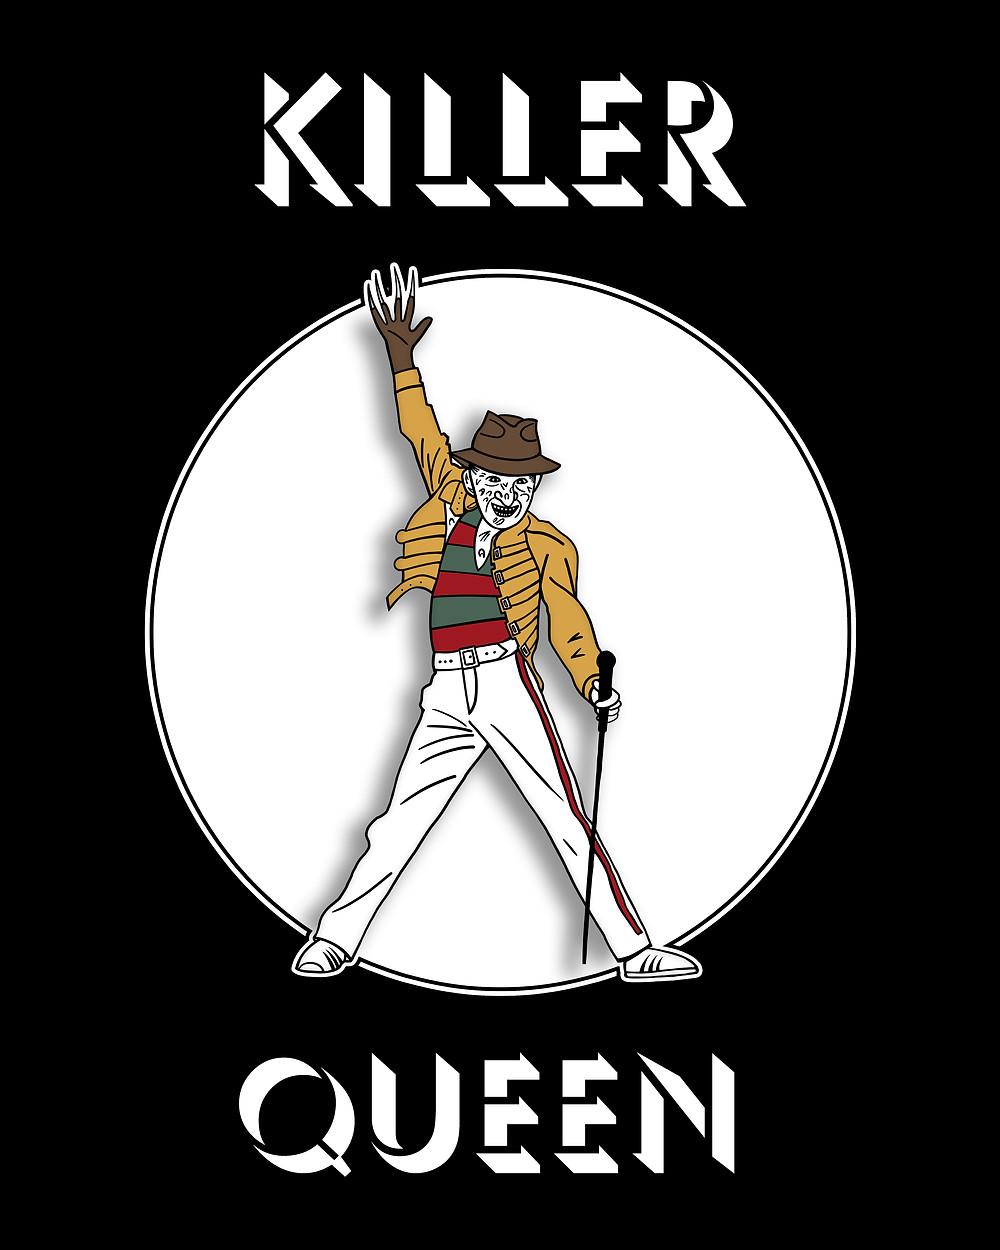 Killer Queen Victoria Hall Art